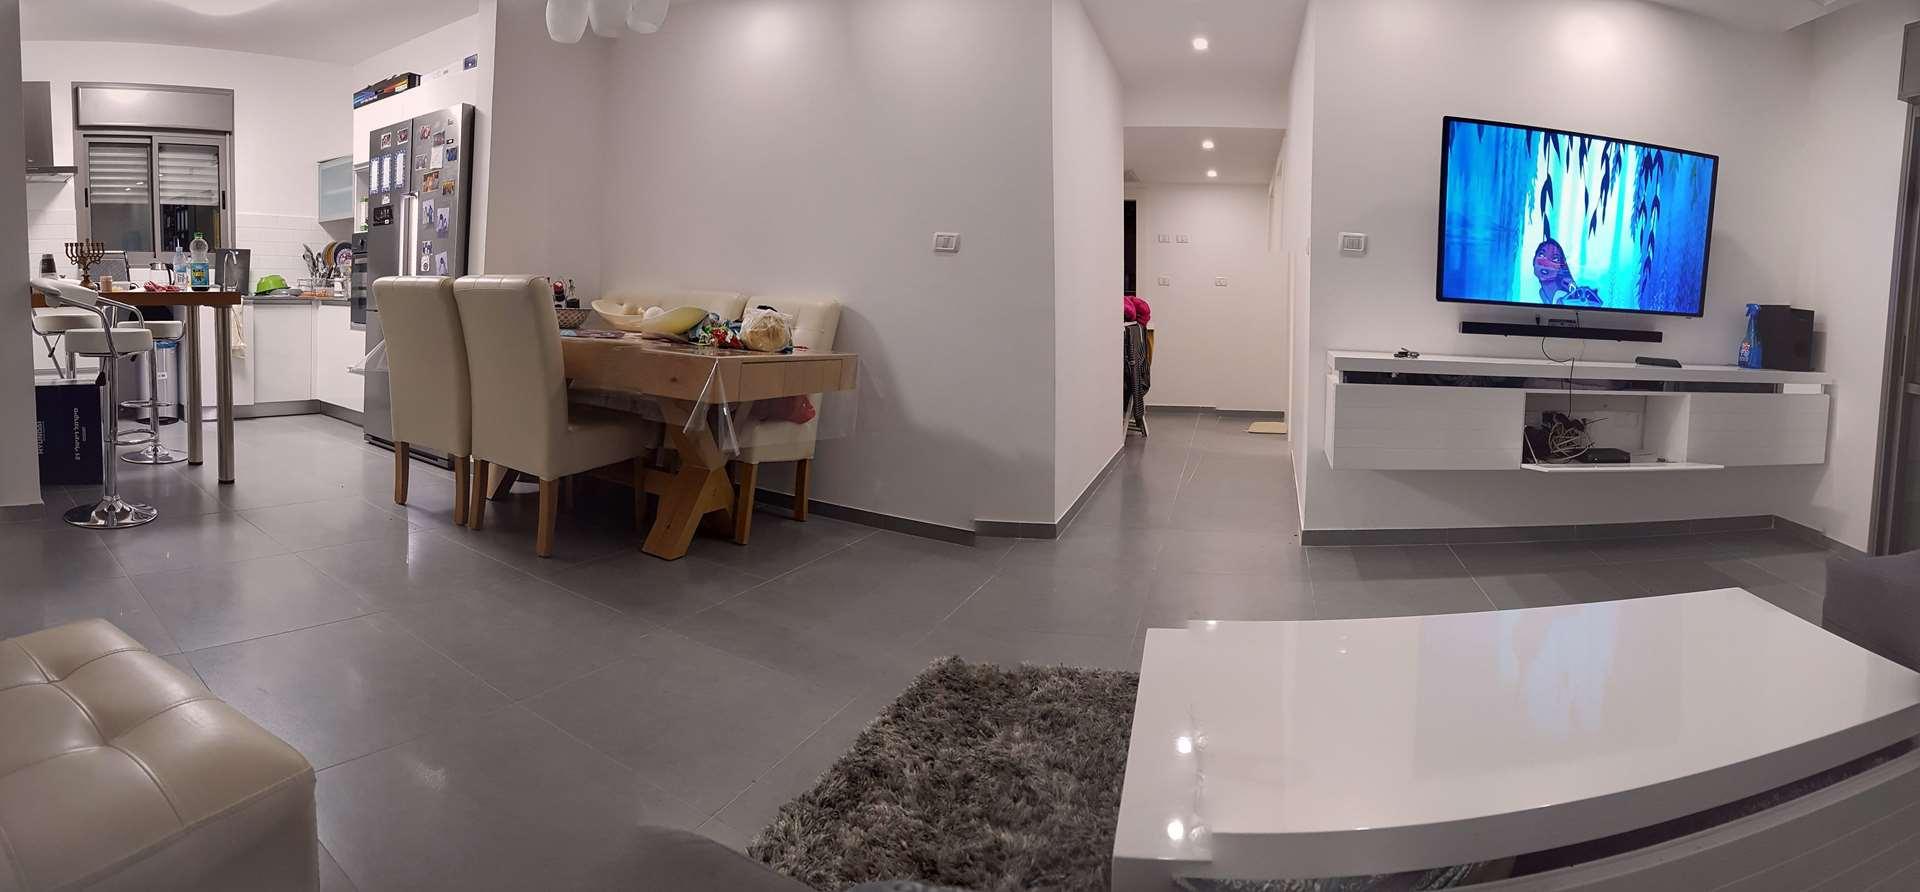 דירה למכירה 4 חדרים באשקלון עין עבדת